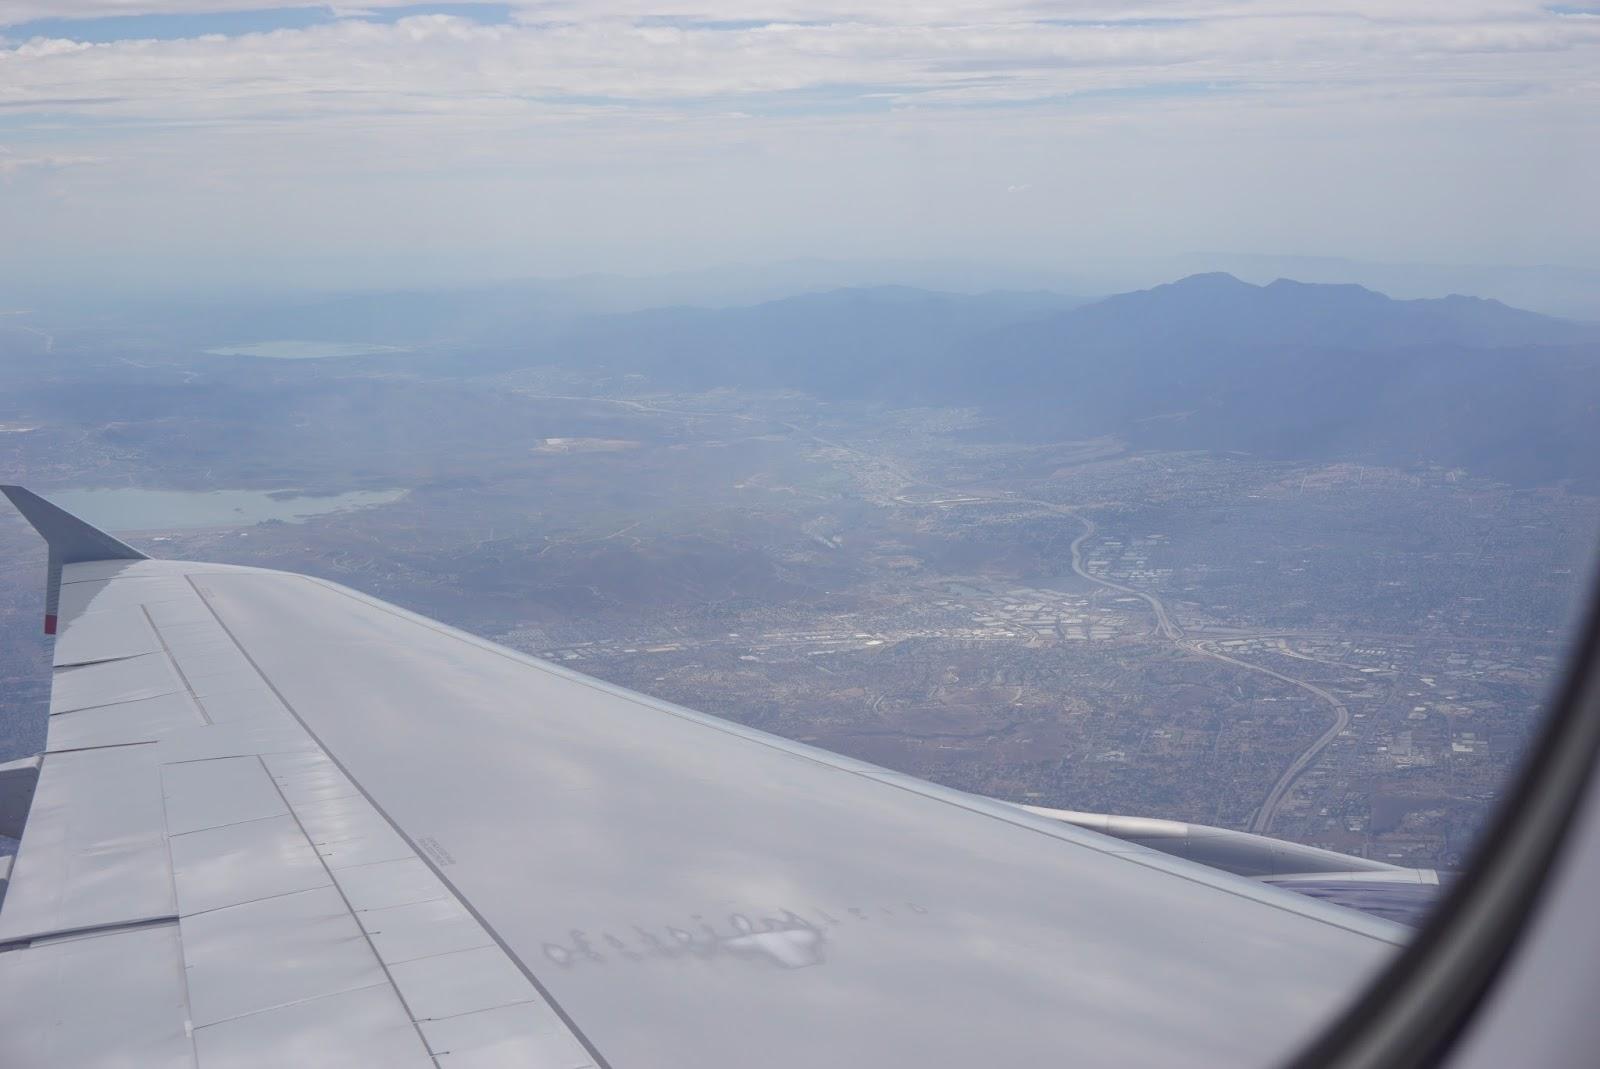 Ariel view of LA